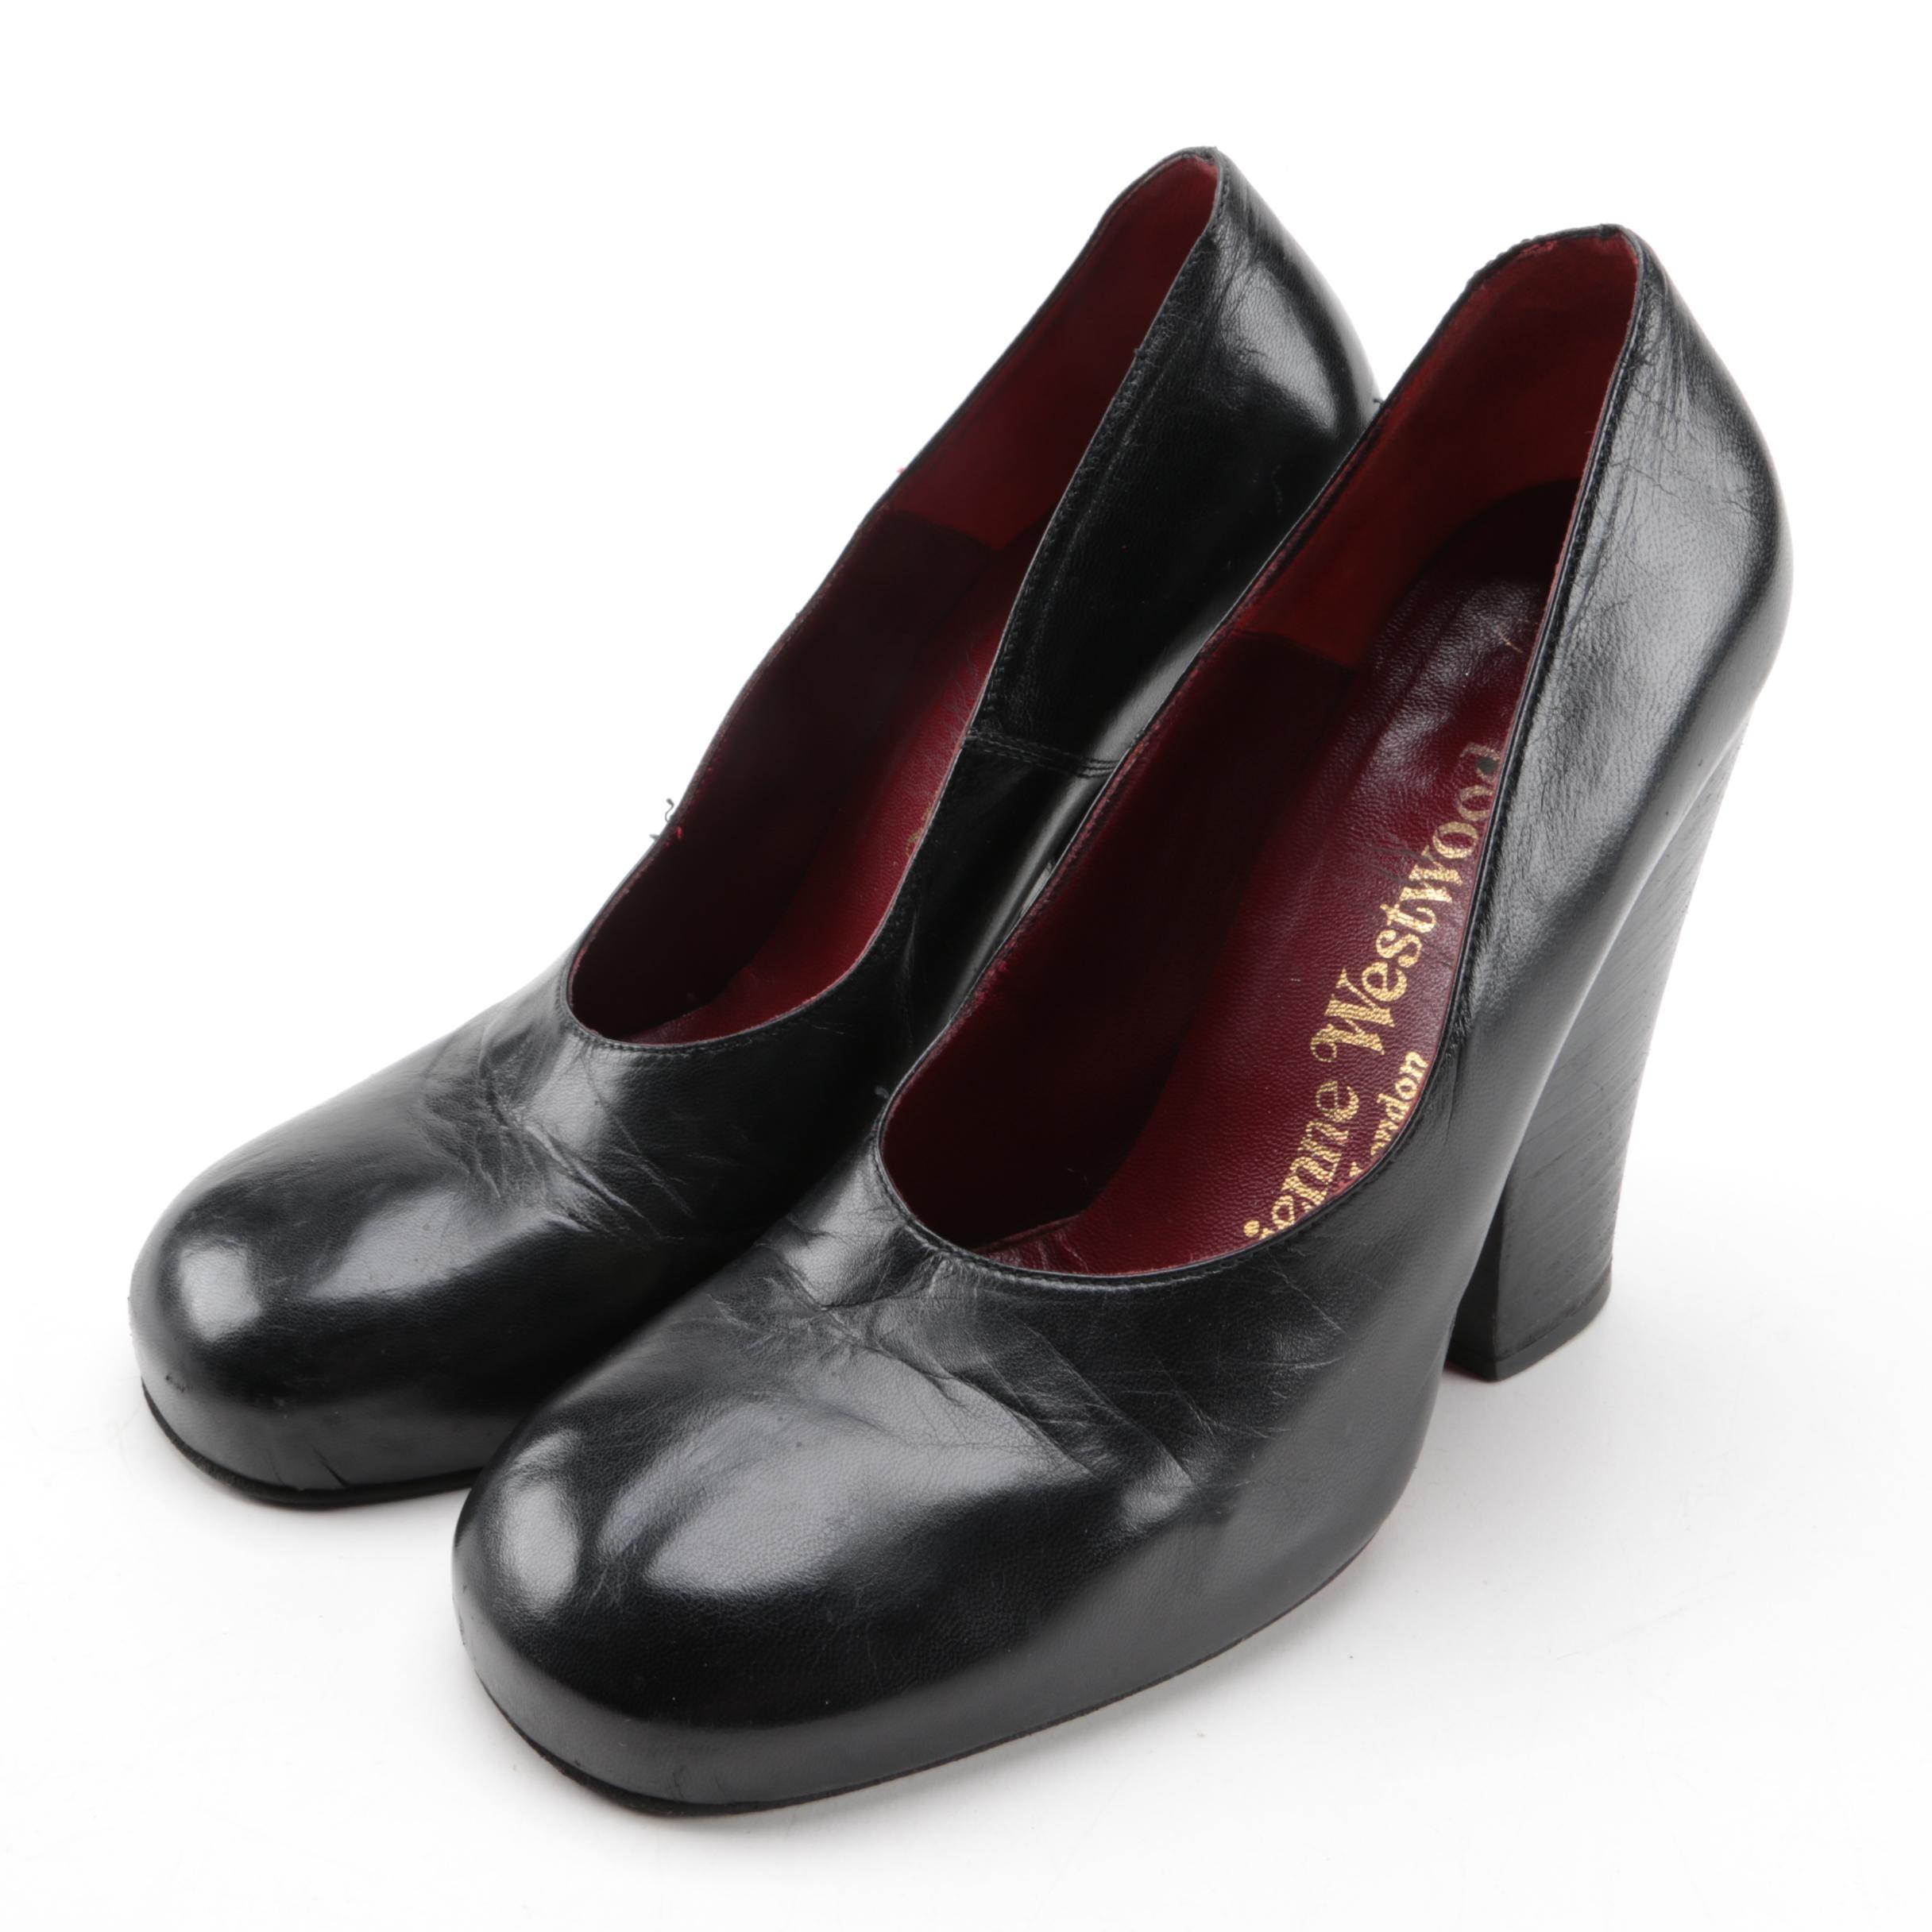 Vintage Vivienne Westwood Black Leather Heels